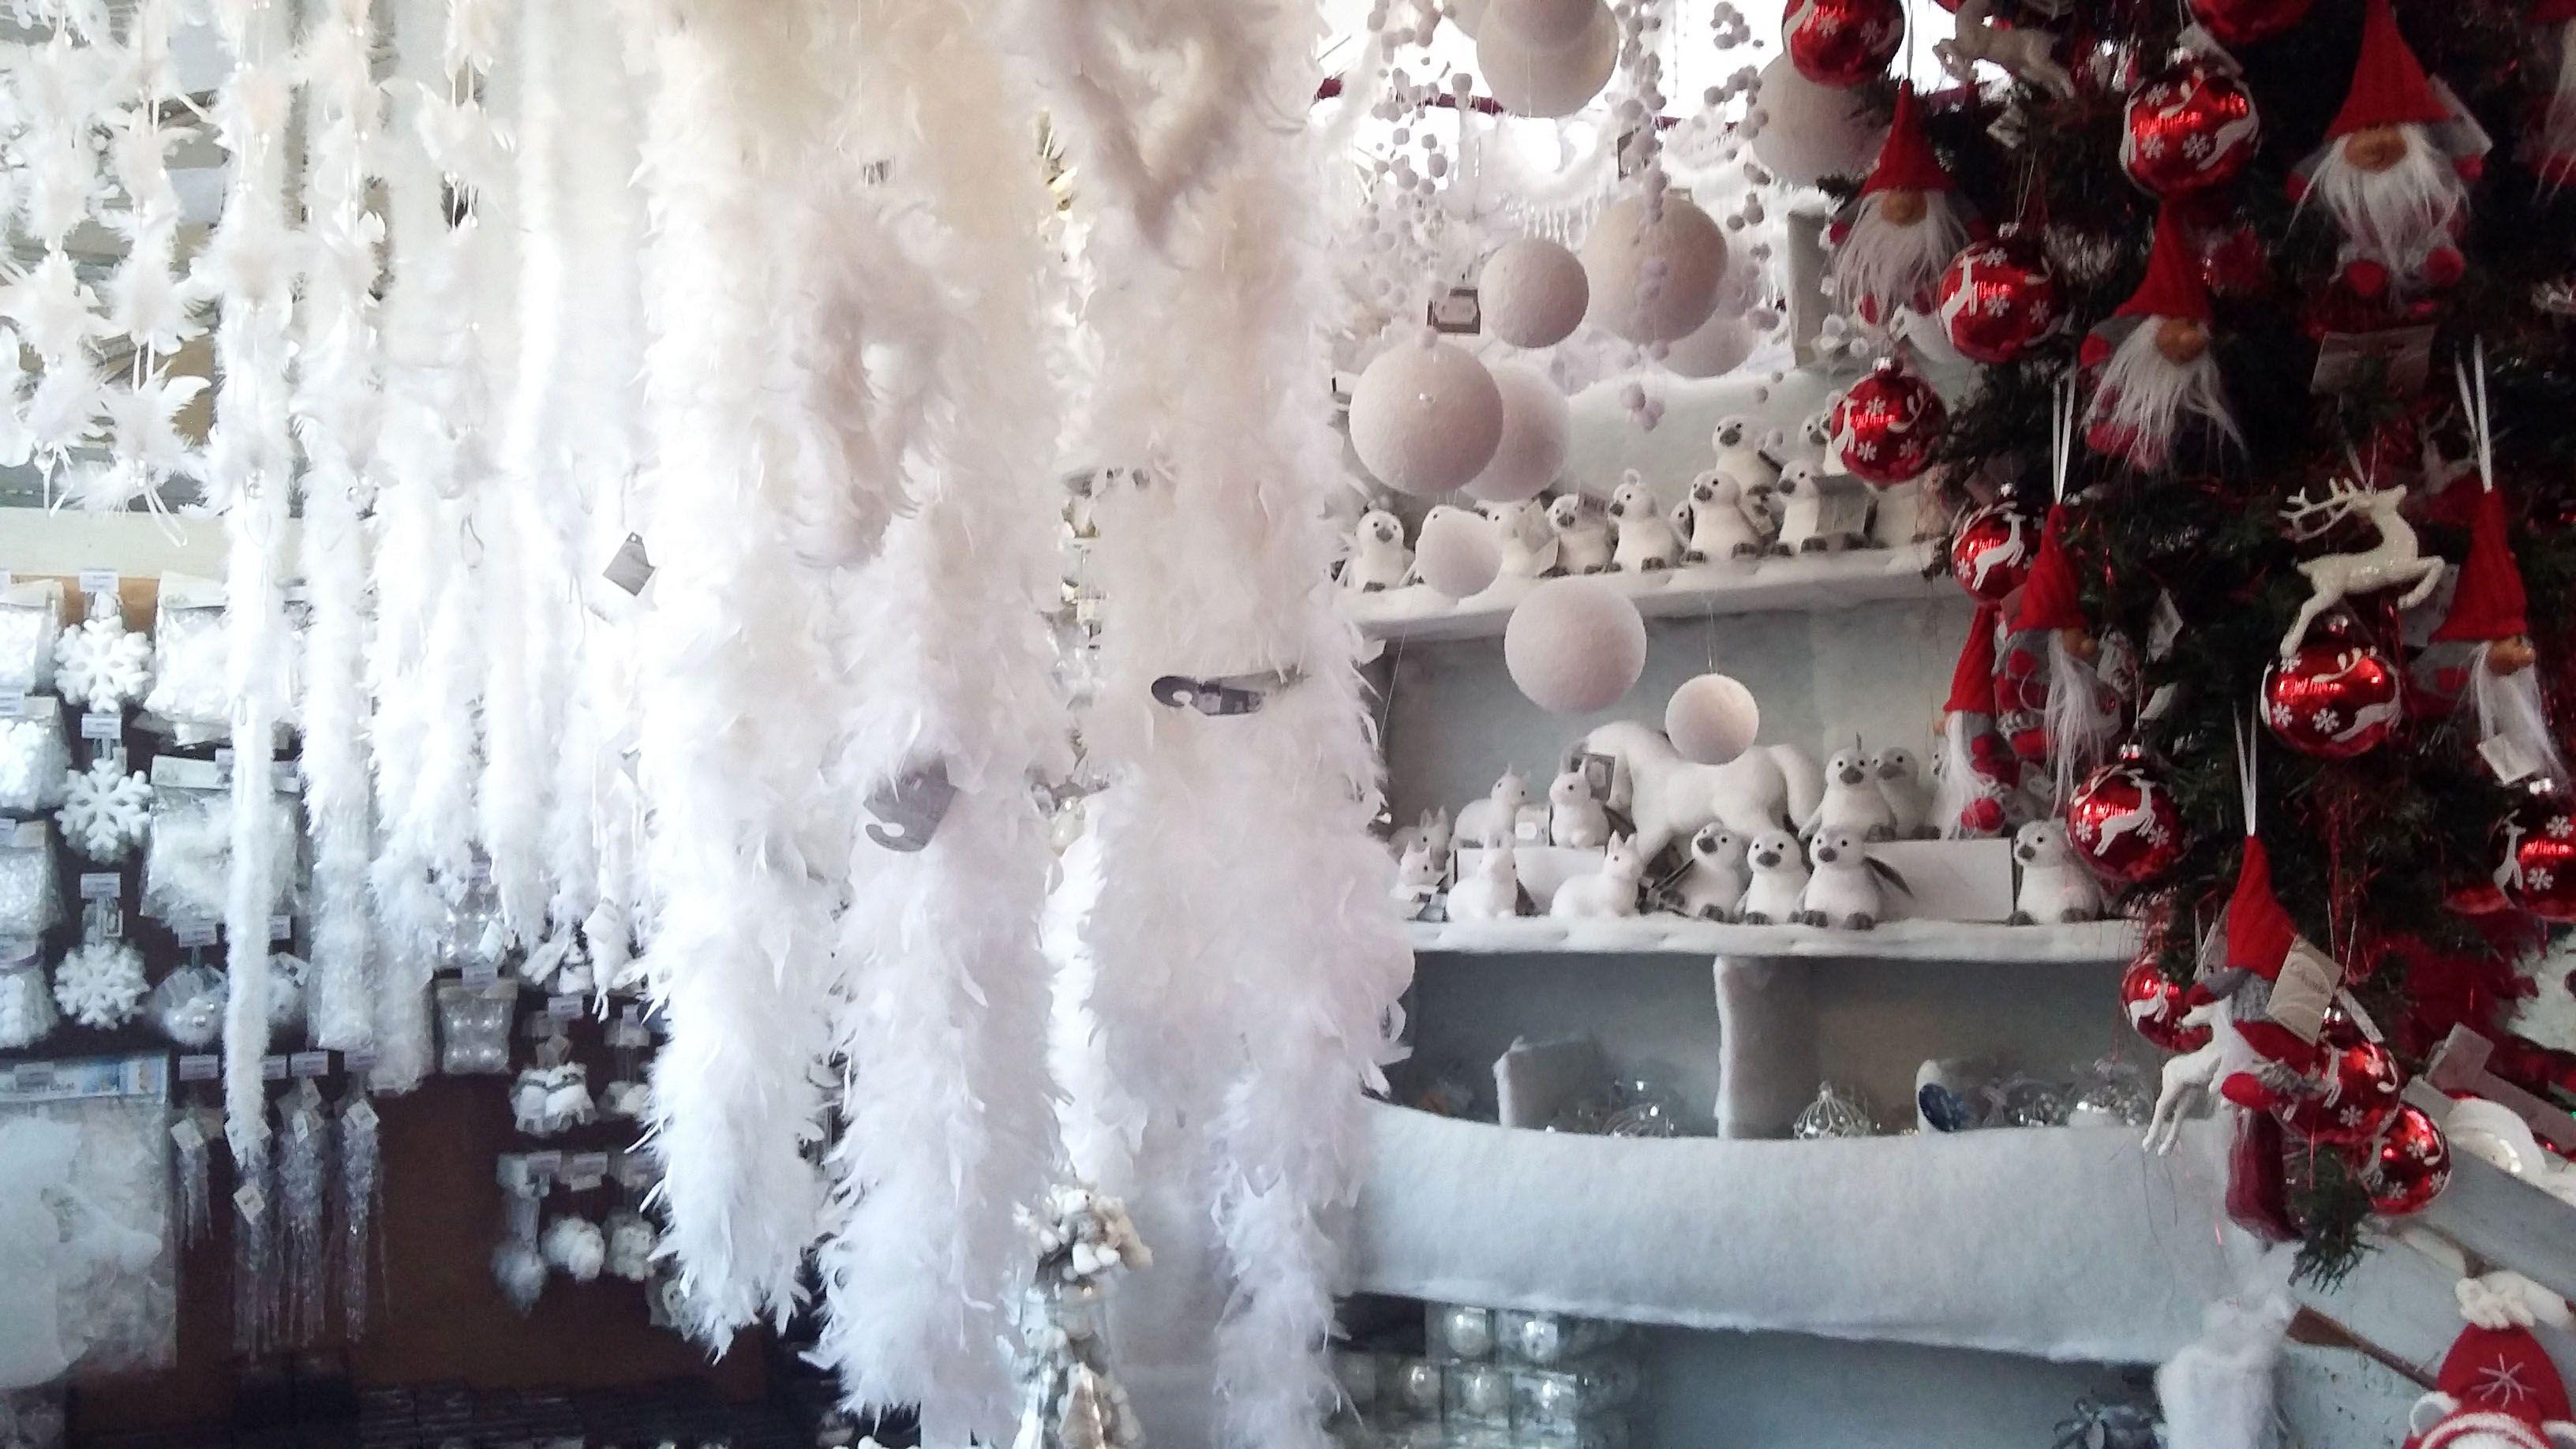 Decoration De Noel Jardiland #10: Une Déco De Noël Féérique Chez Jardiland